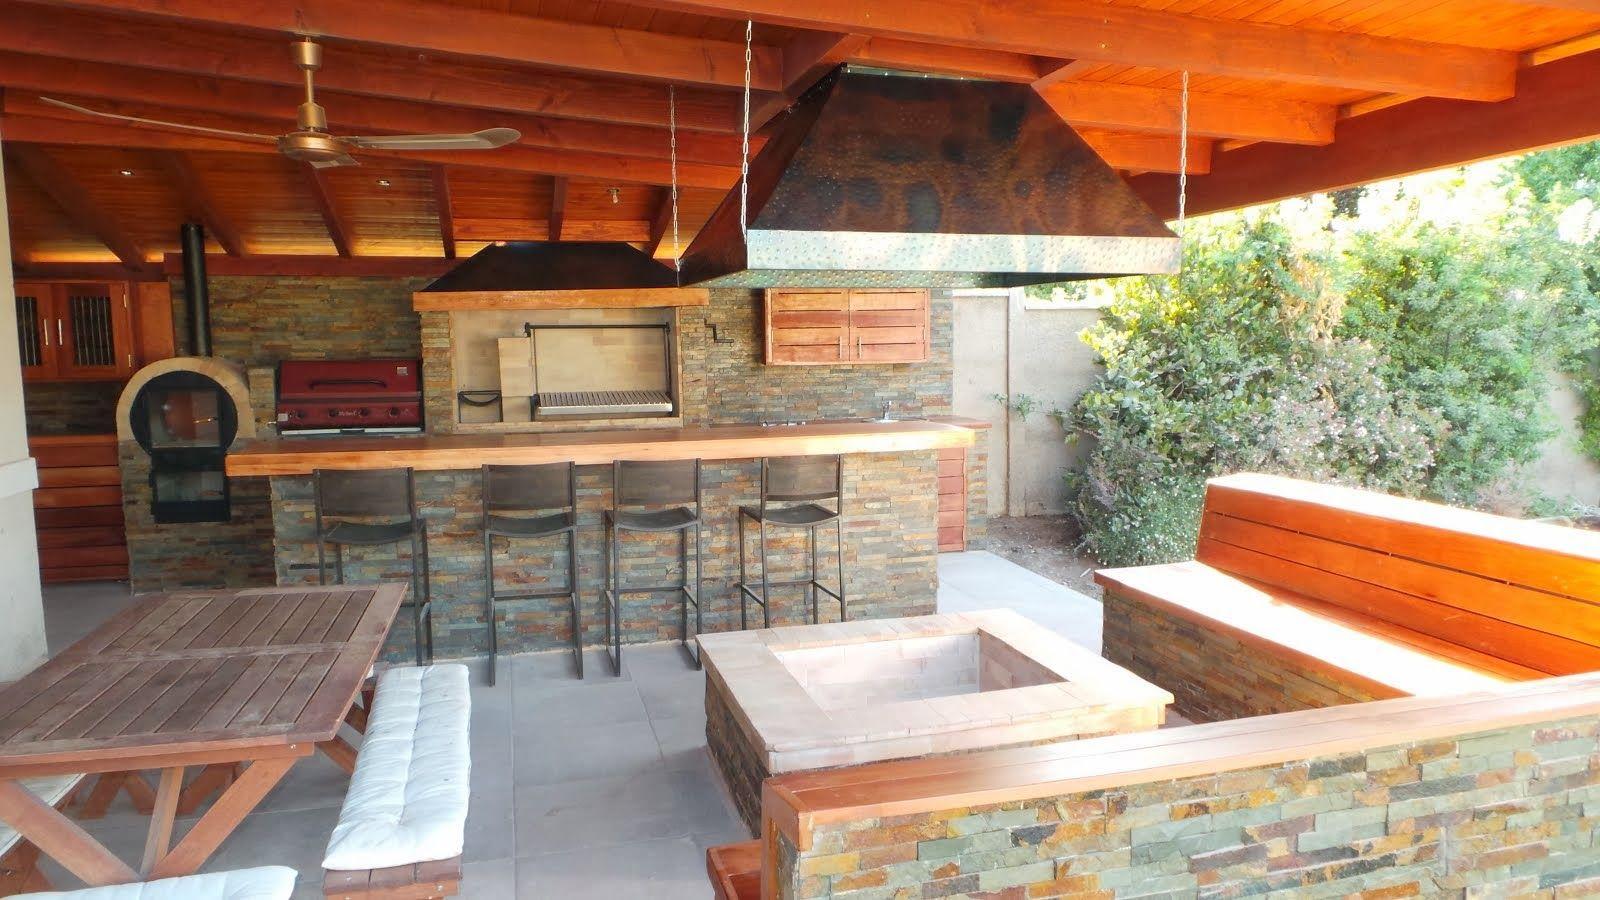 quinchos | Quinchos, Quincho y terrazas, Cocina al aire libre